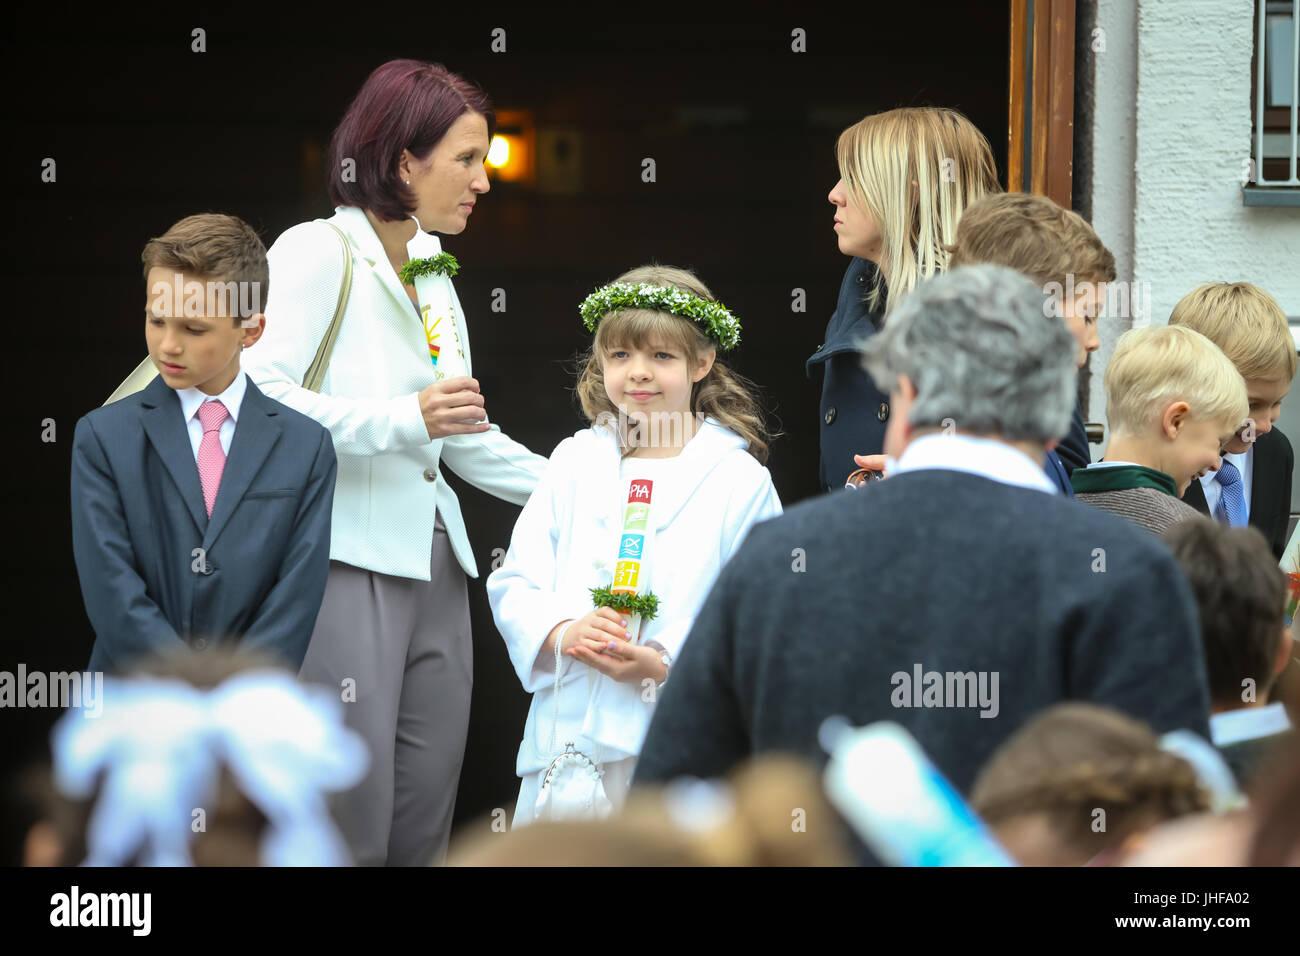 NANDLSTADT, ALLEMAGNE - le 7 mai 2017: Une jeune fille avec une bougie et des adultes debout devant l'église à Banque D'Images